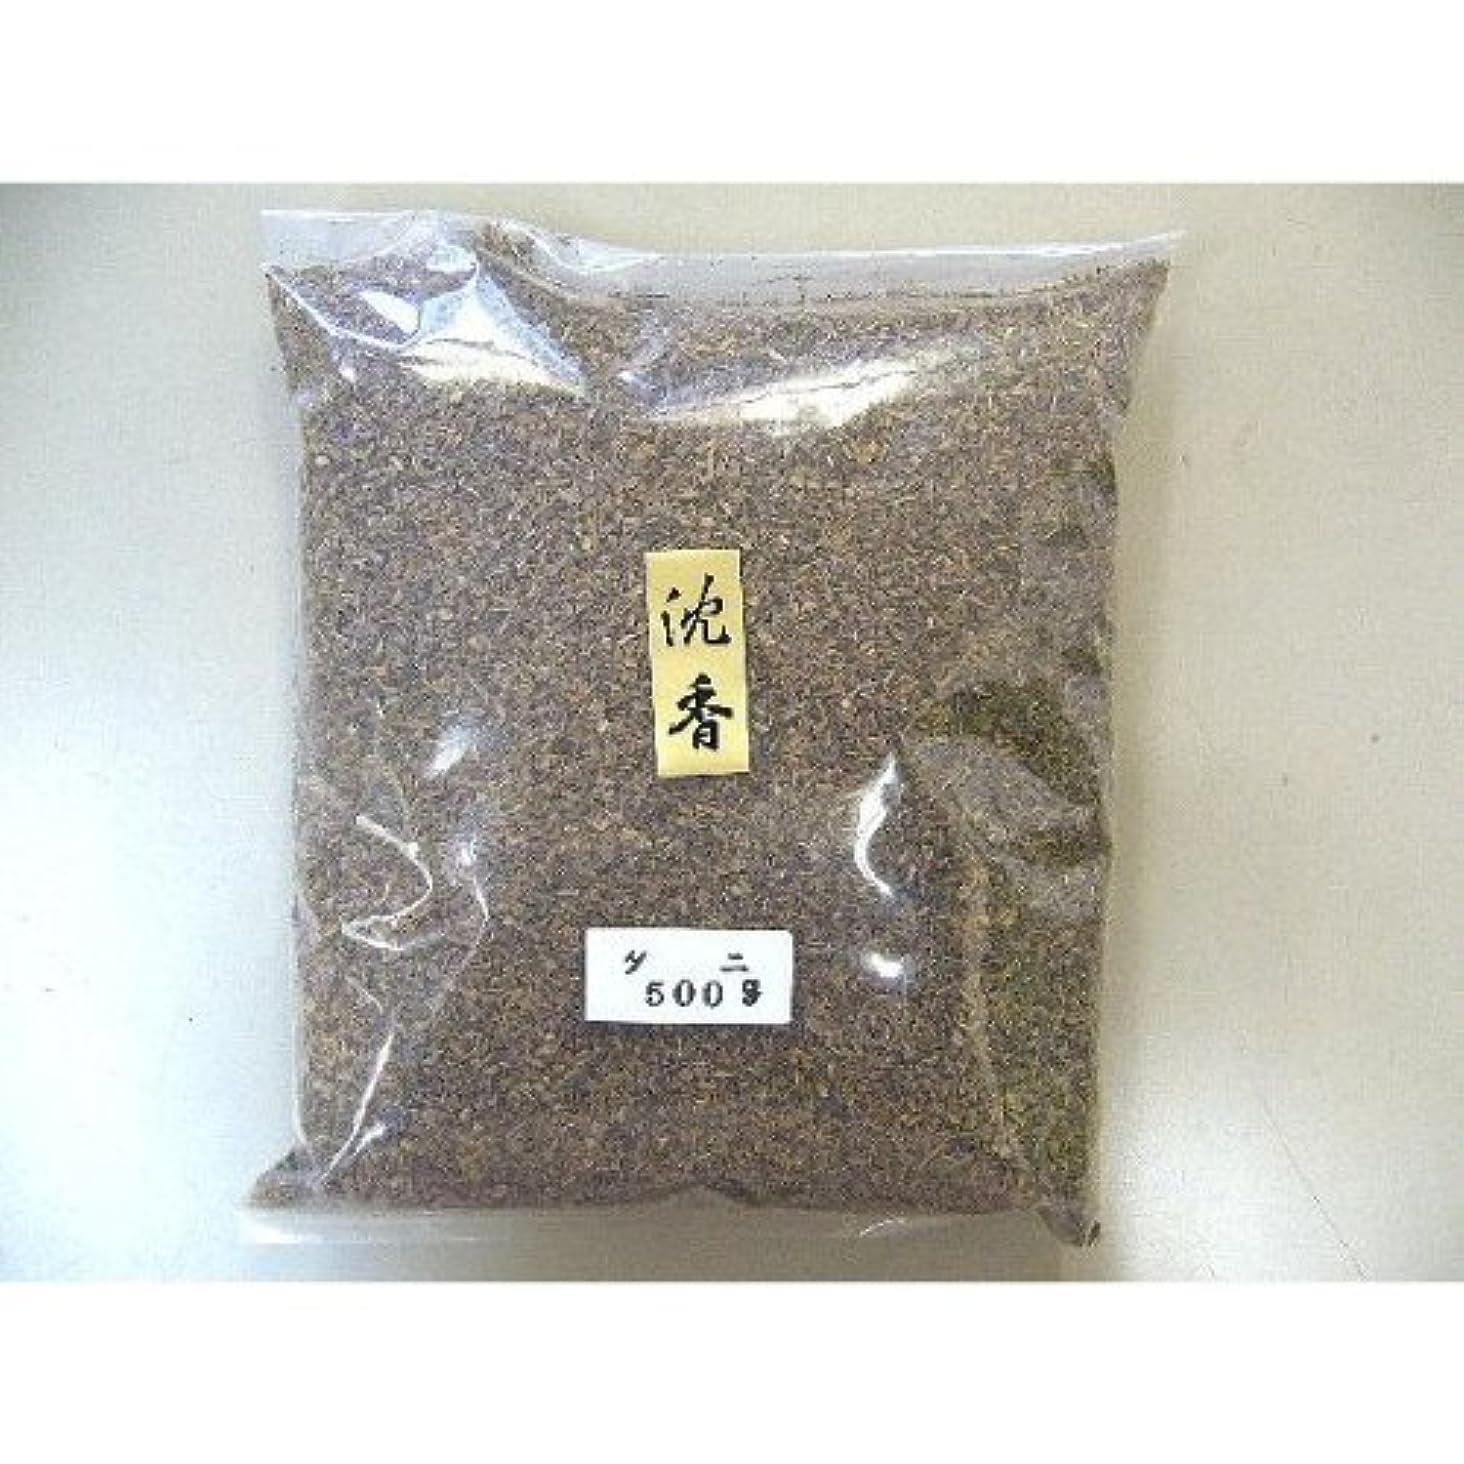 インドネシア産 タニ沈香(刻み)500gビニ-ル袋入